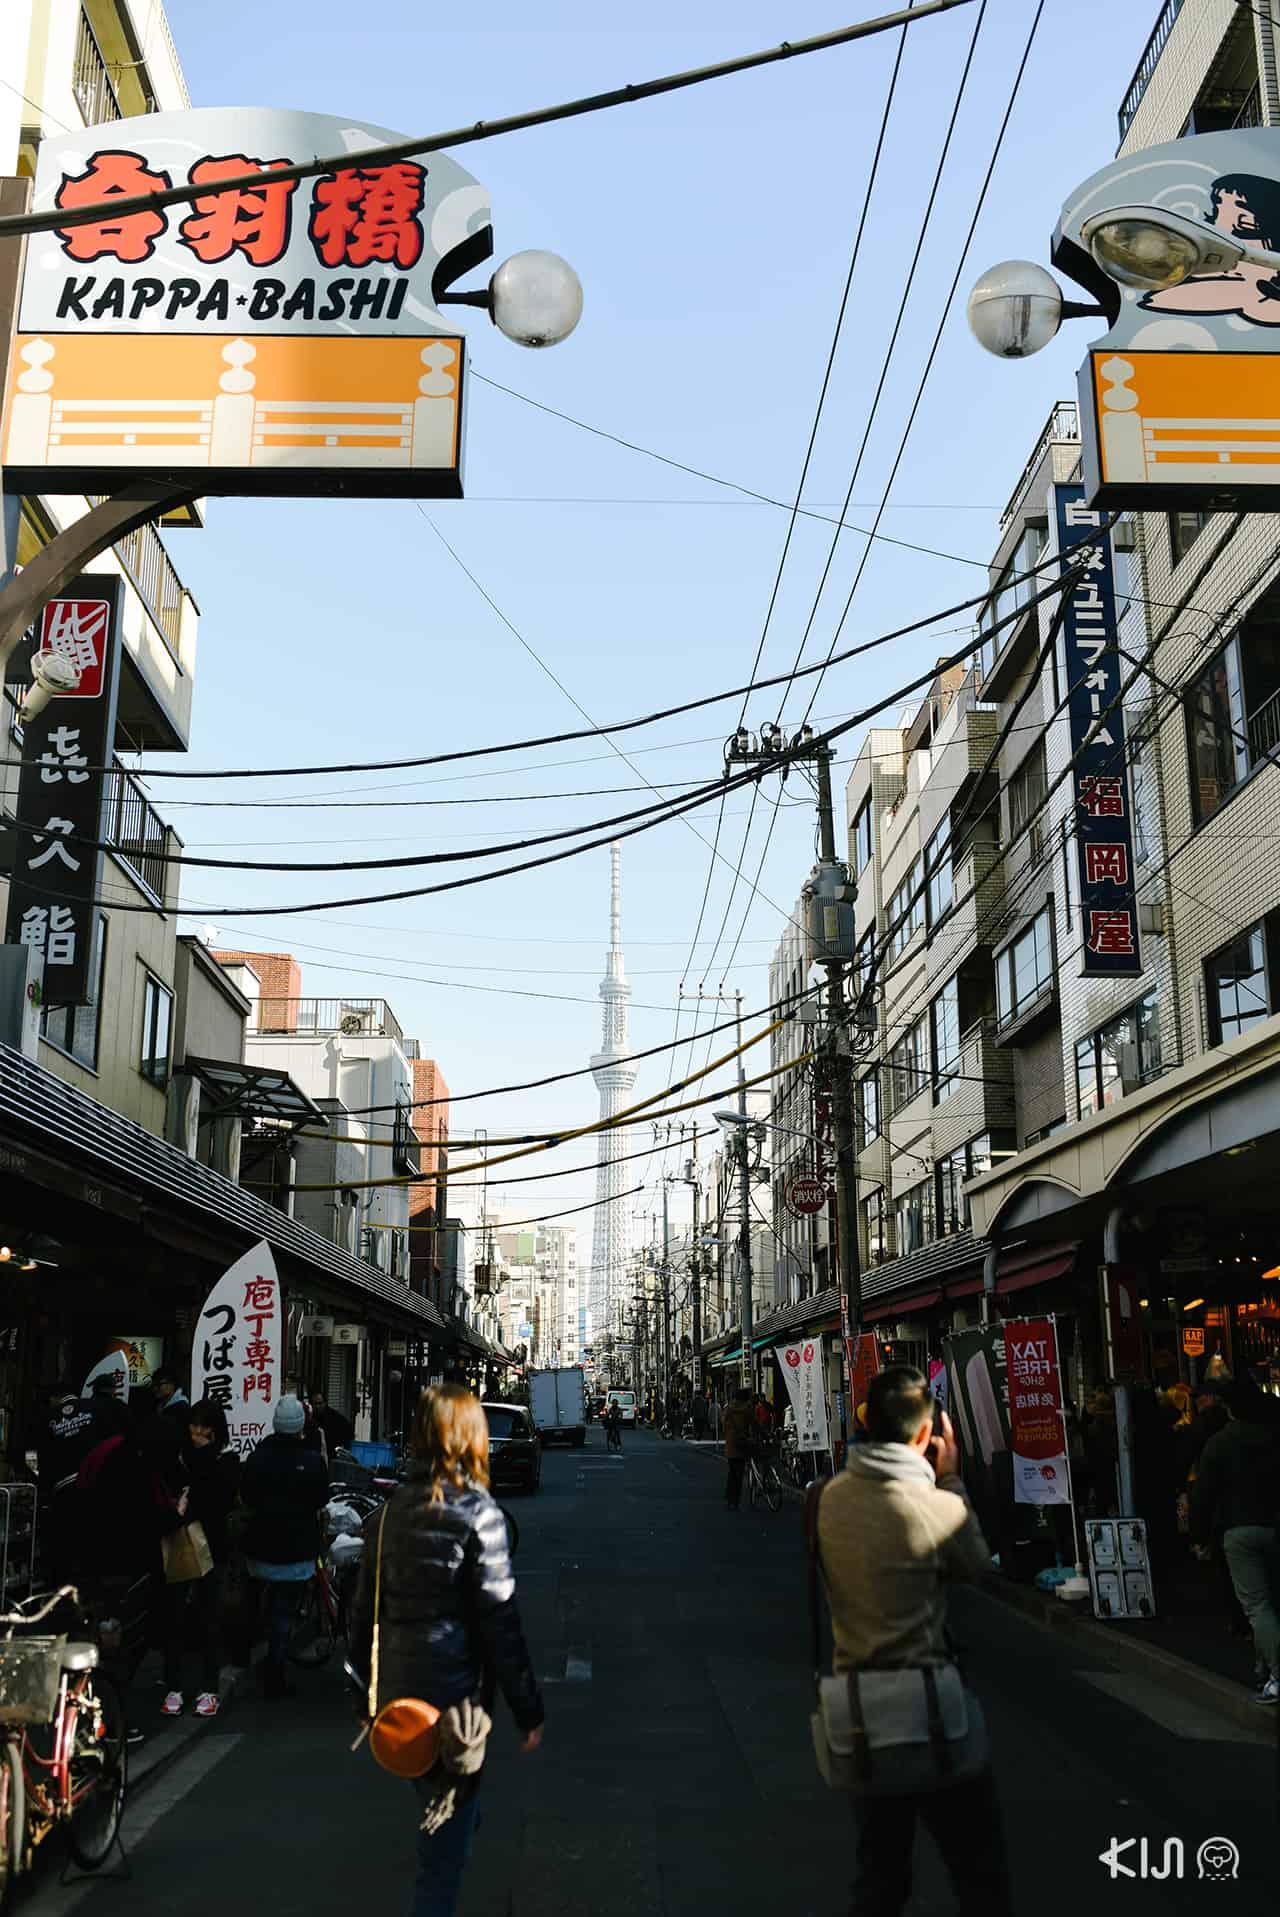 เที่ยว อาซากุสะ - ถนนกัปปะบาชิ (Kappabashi Street)